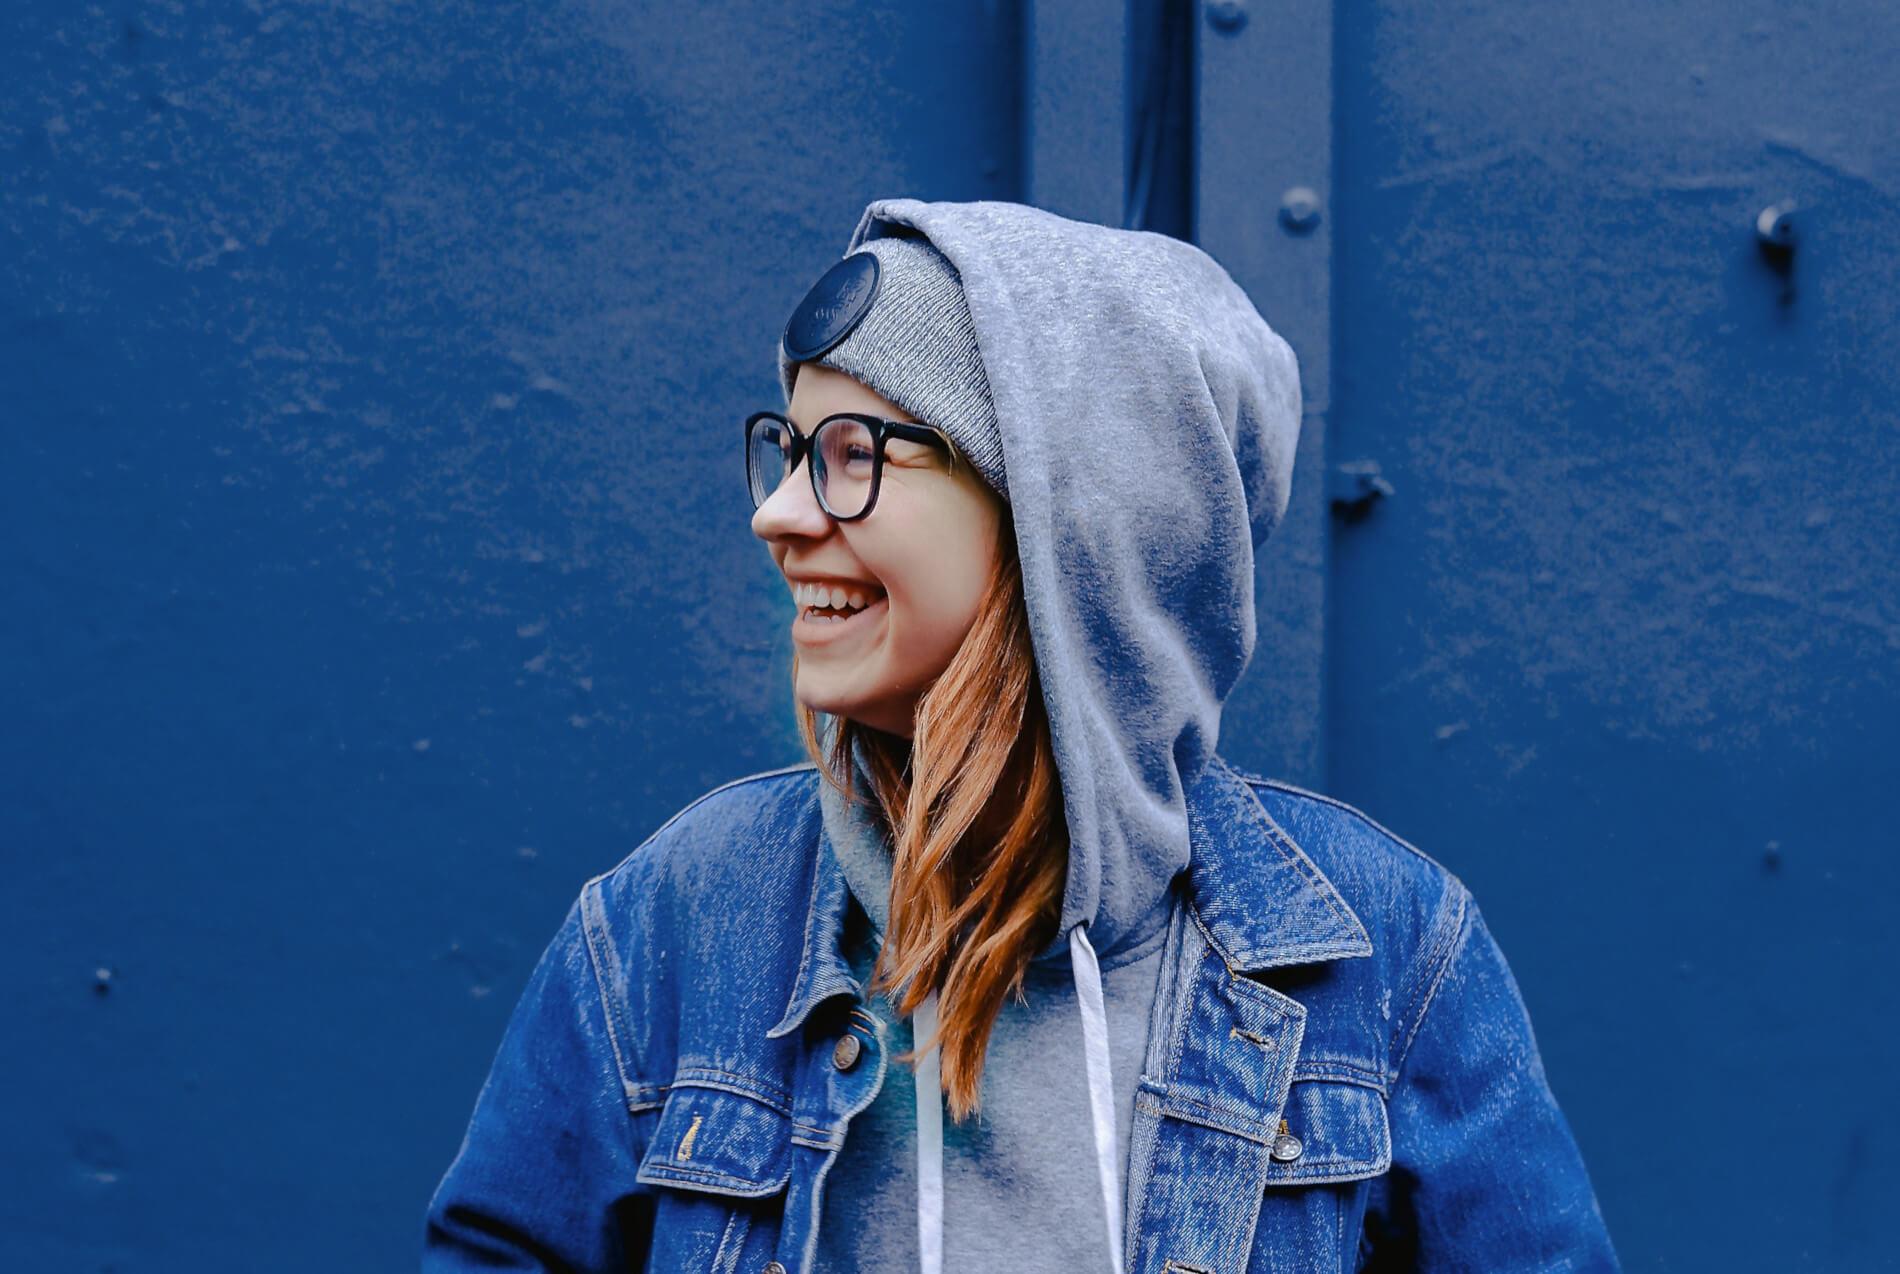 Une adolescante souriante regardant vers la gauche